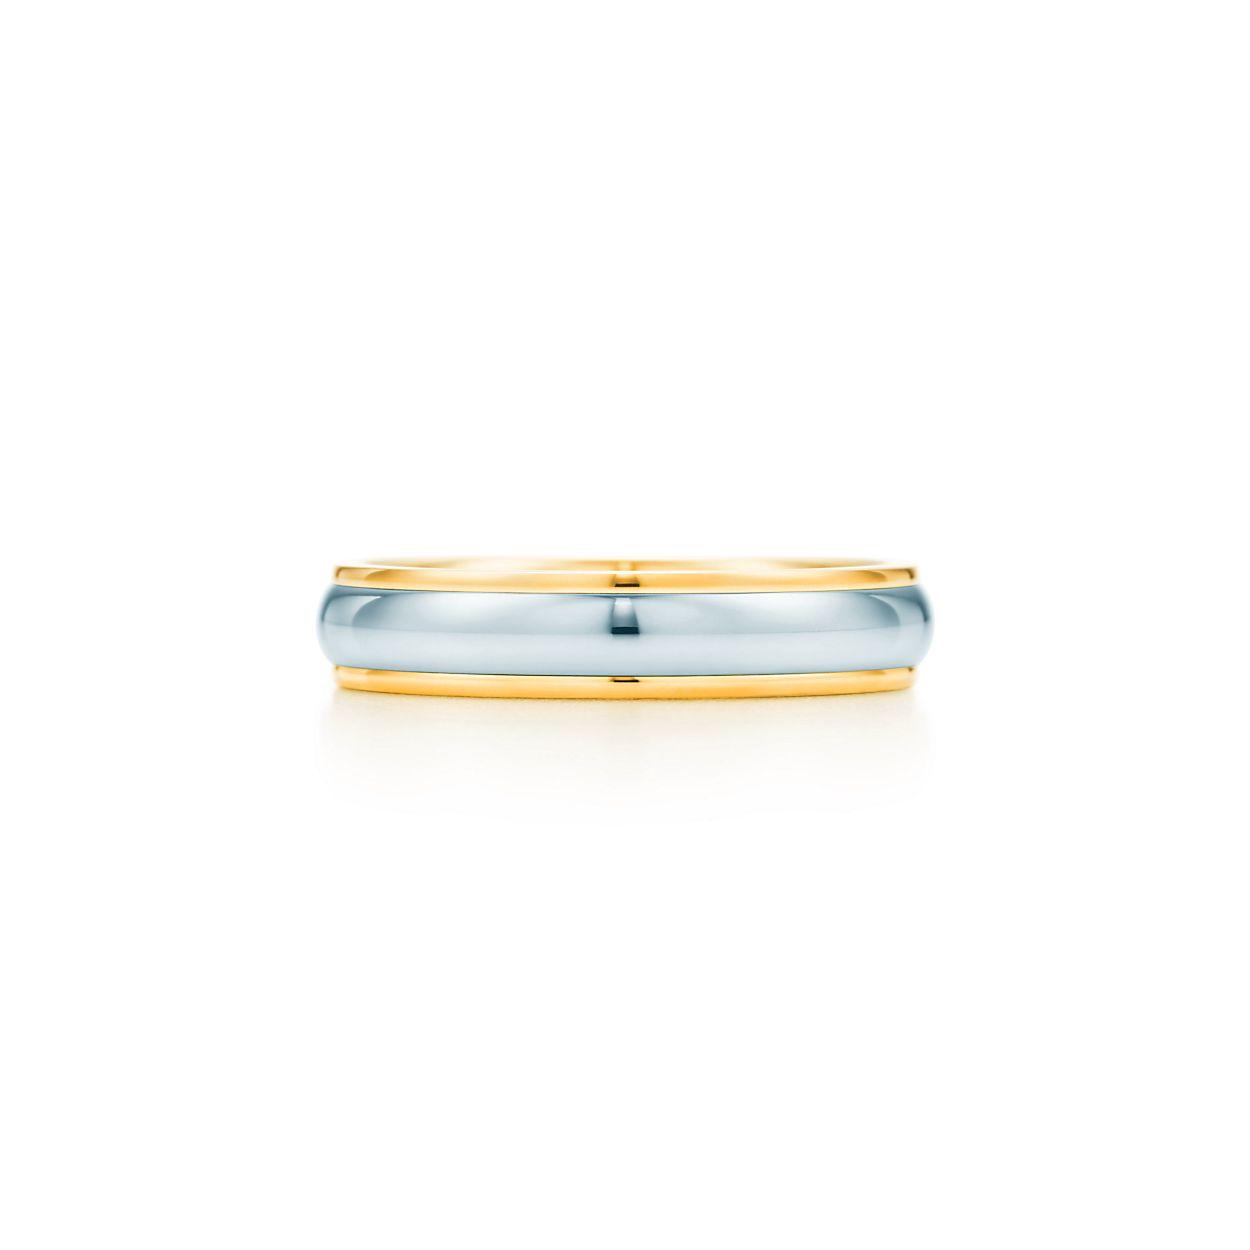 Tiffany ClassicTMWedding Band Ring